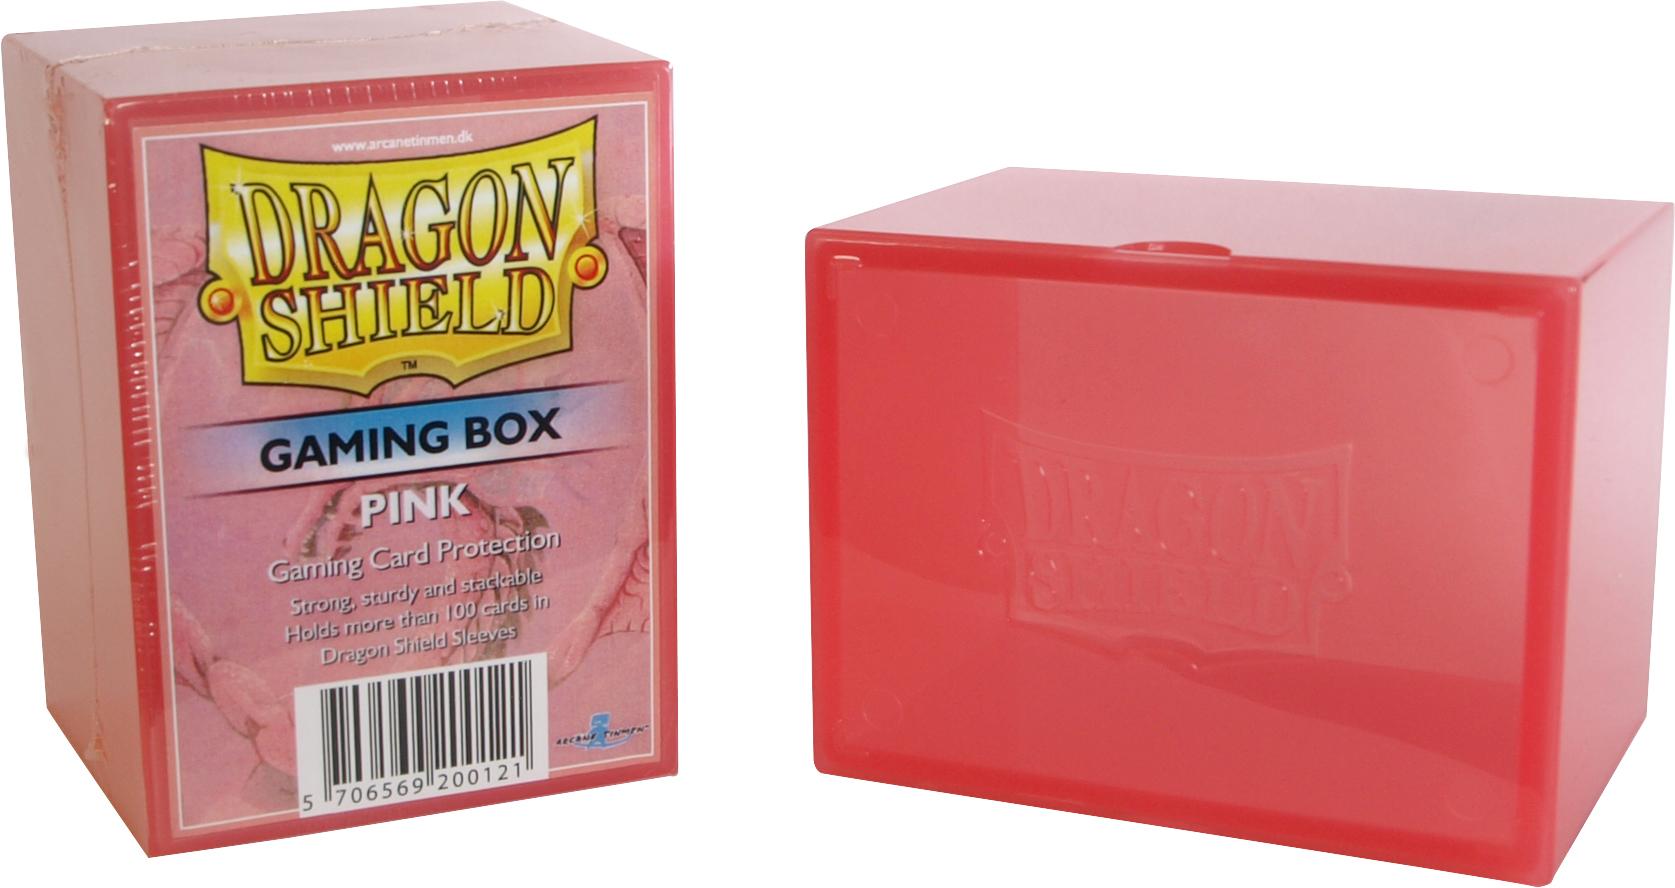 GAMING BOX - PINK (CONTIENE PIU' DI 100 CARTE CON LE BUSTE)